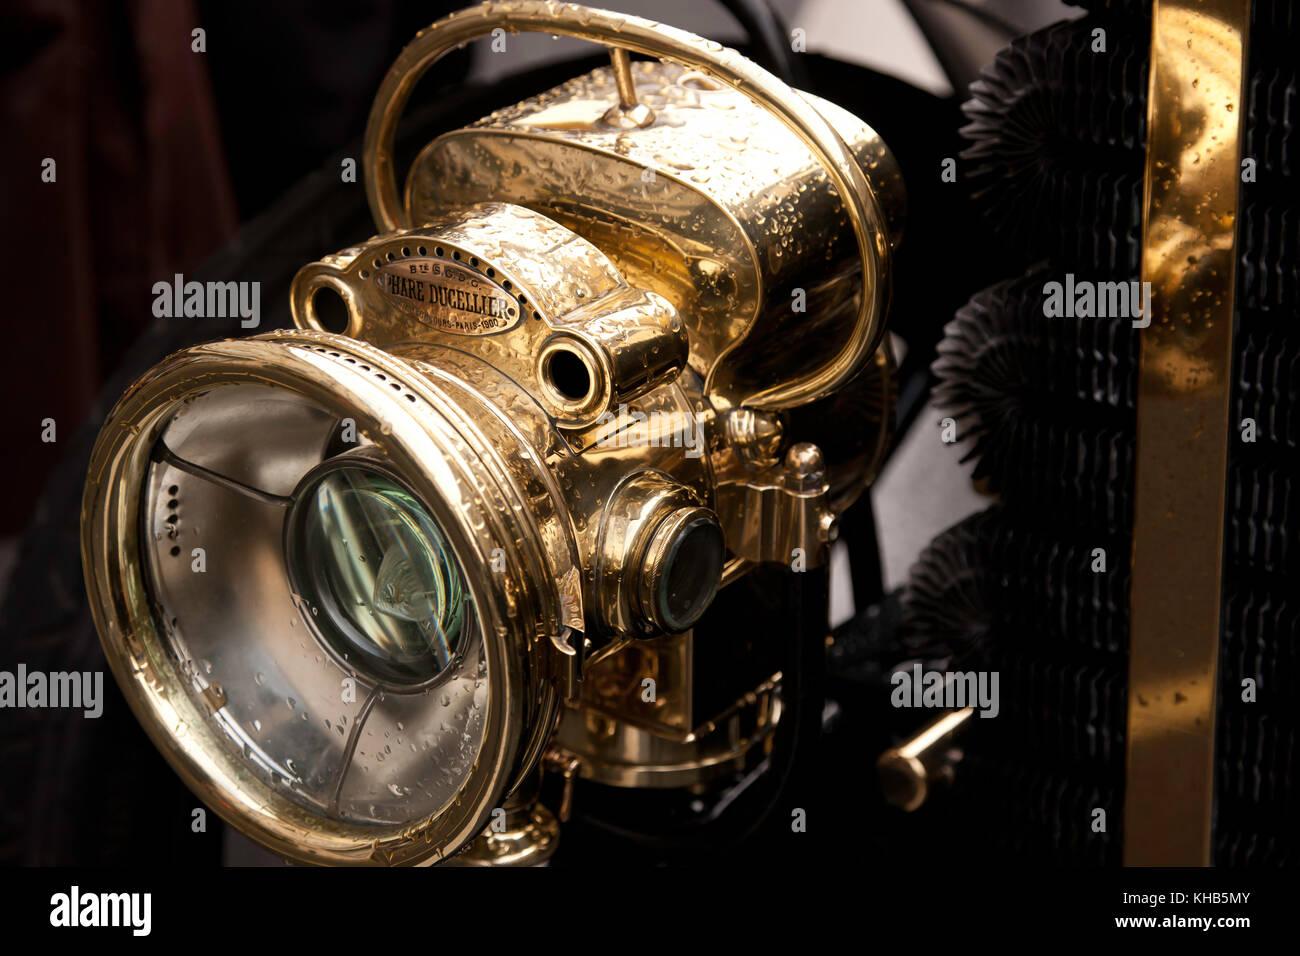 Carbide Car Headlights : Brass headlamp stock photos images